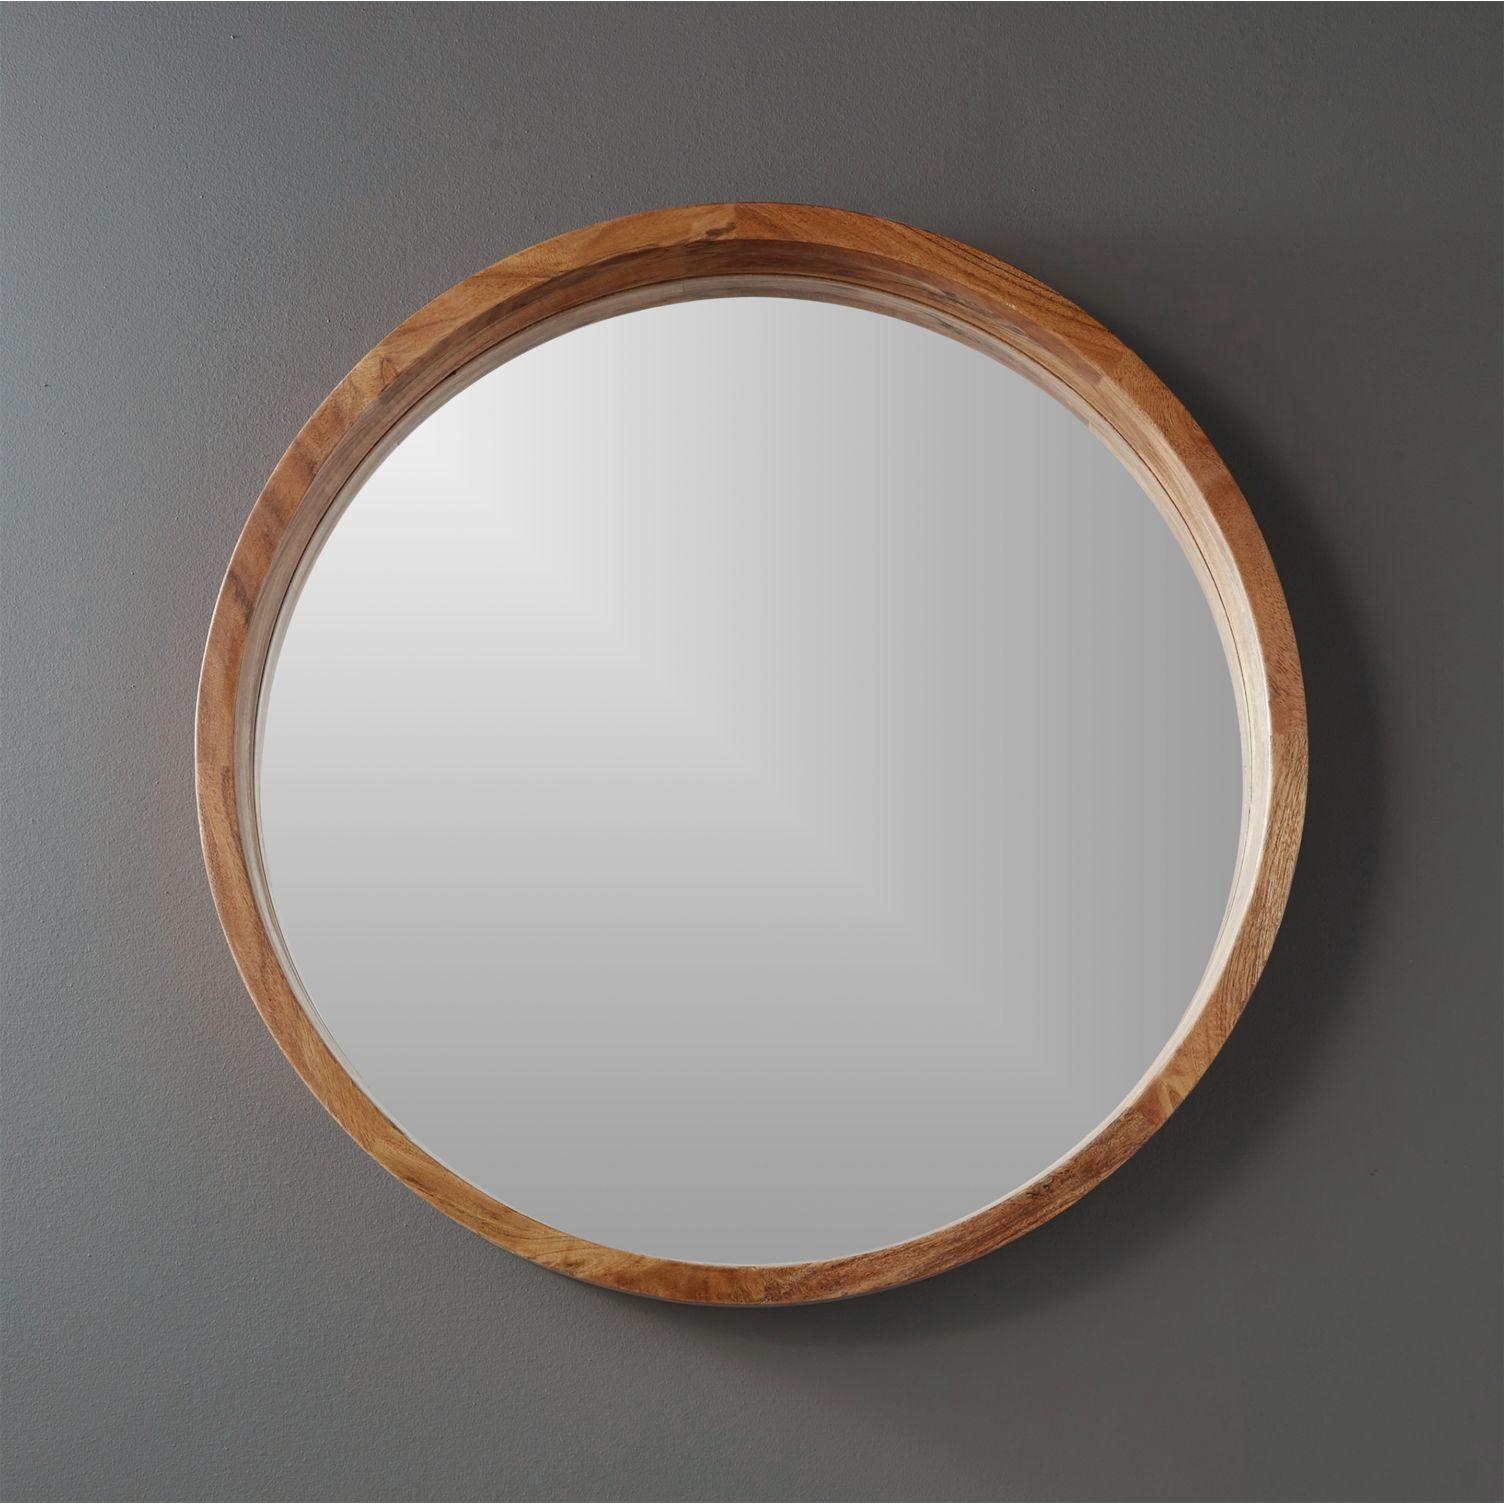 Round-acacia-wood-wall-mirror-20700